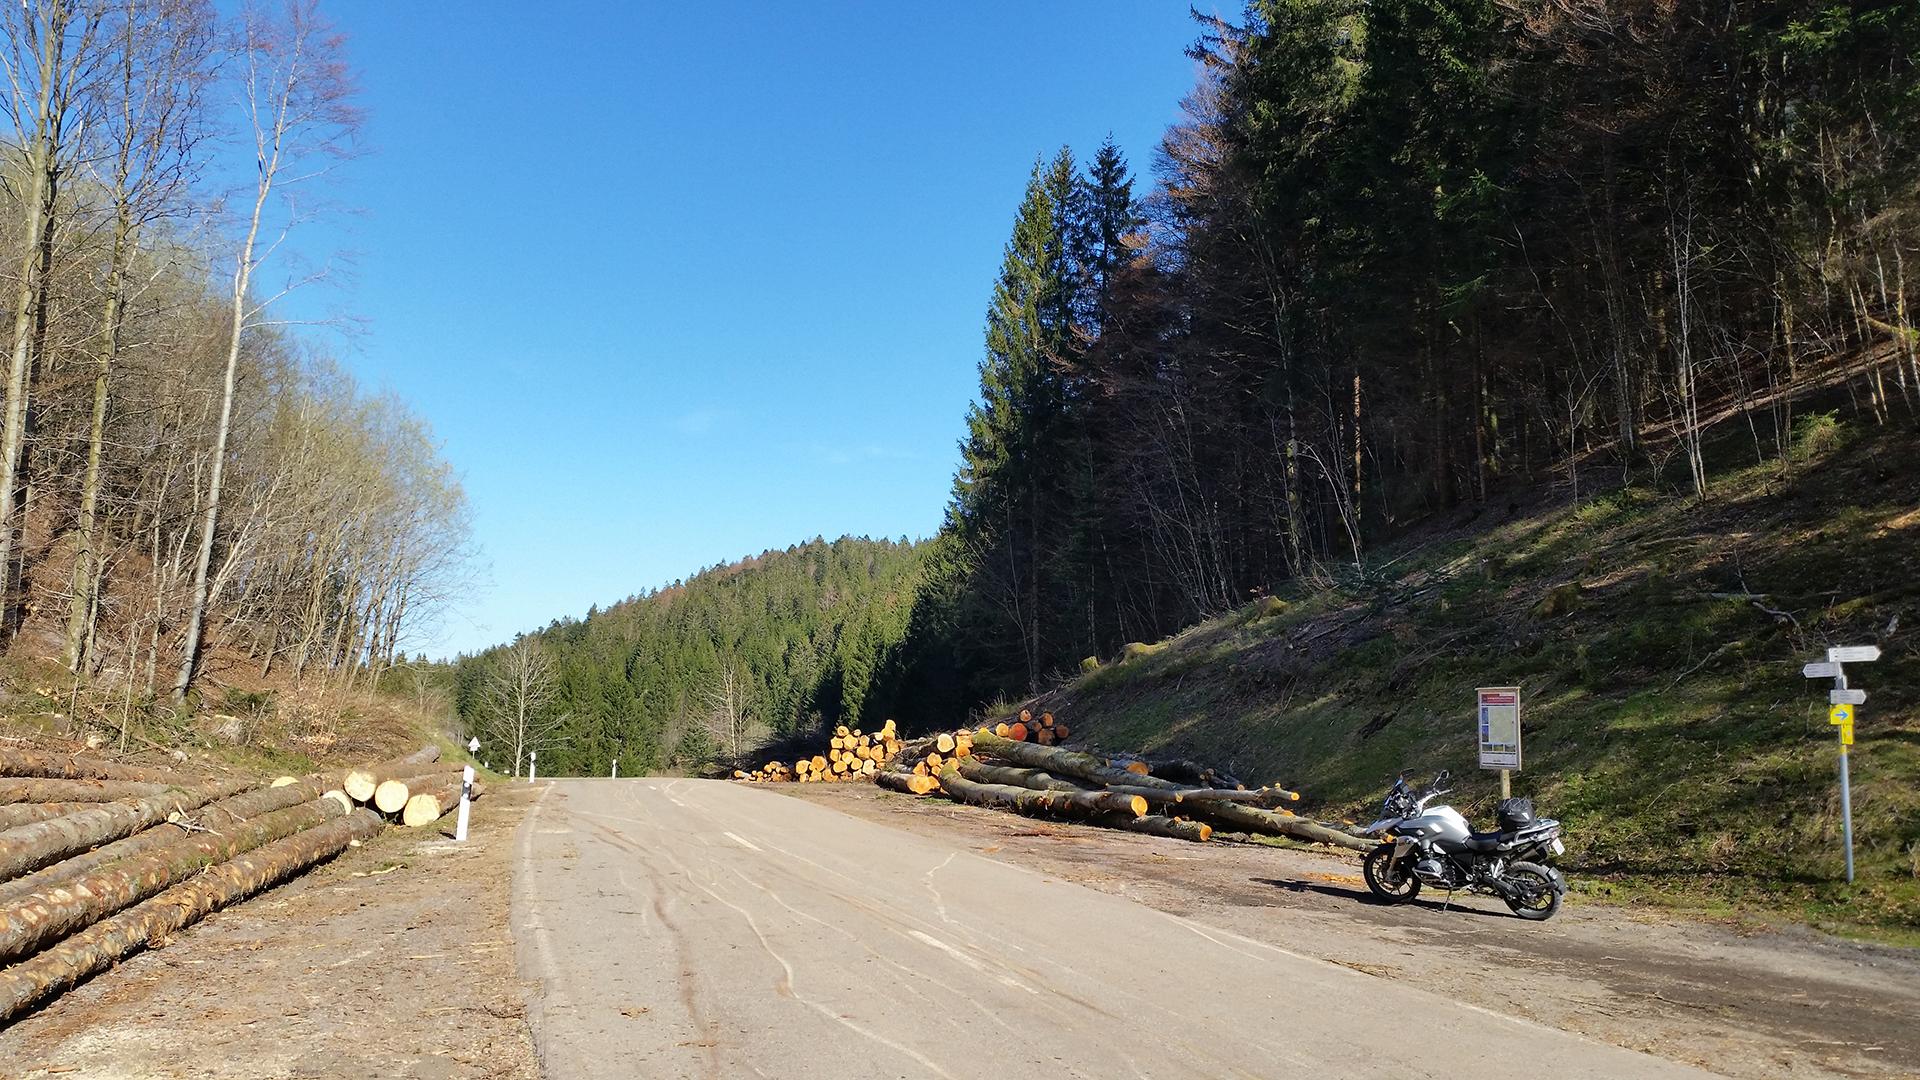 0973 - D - Passhöhe Wacht